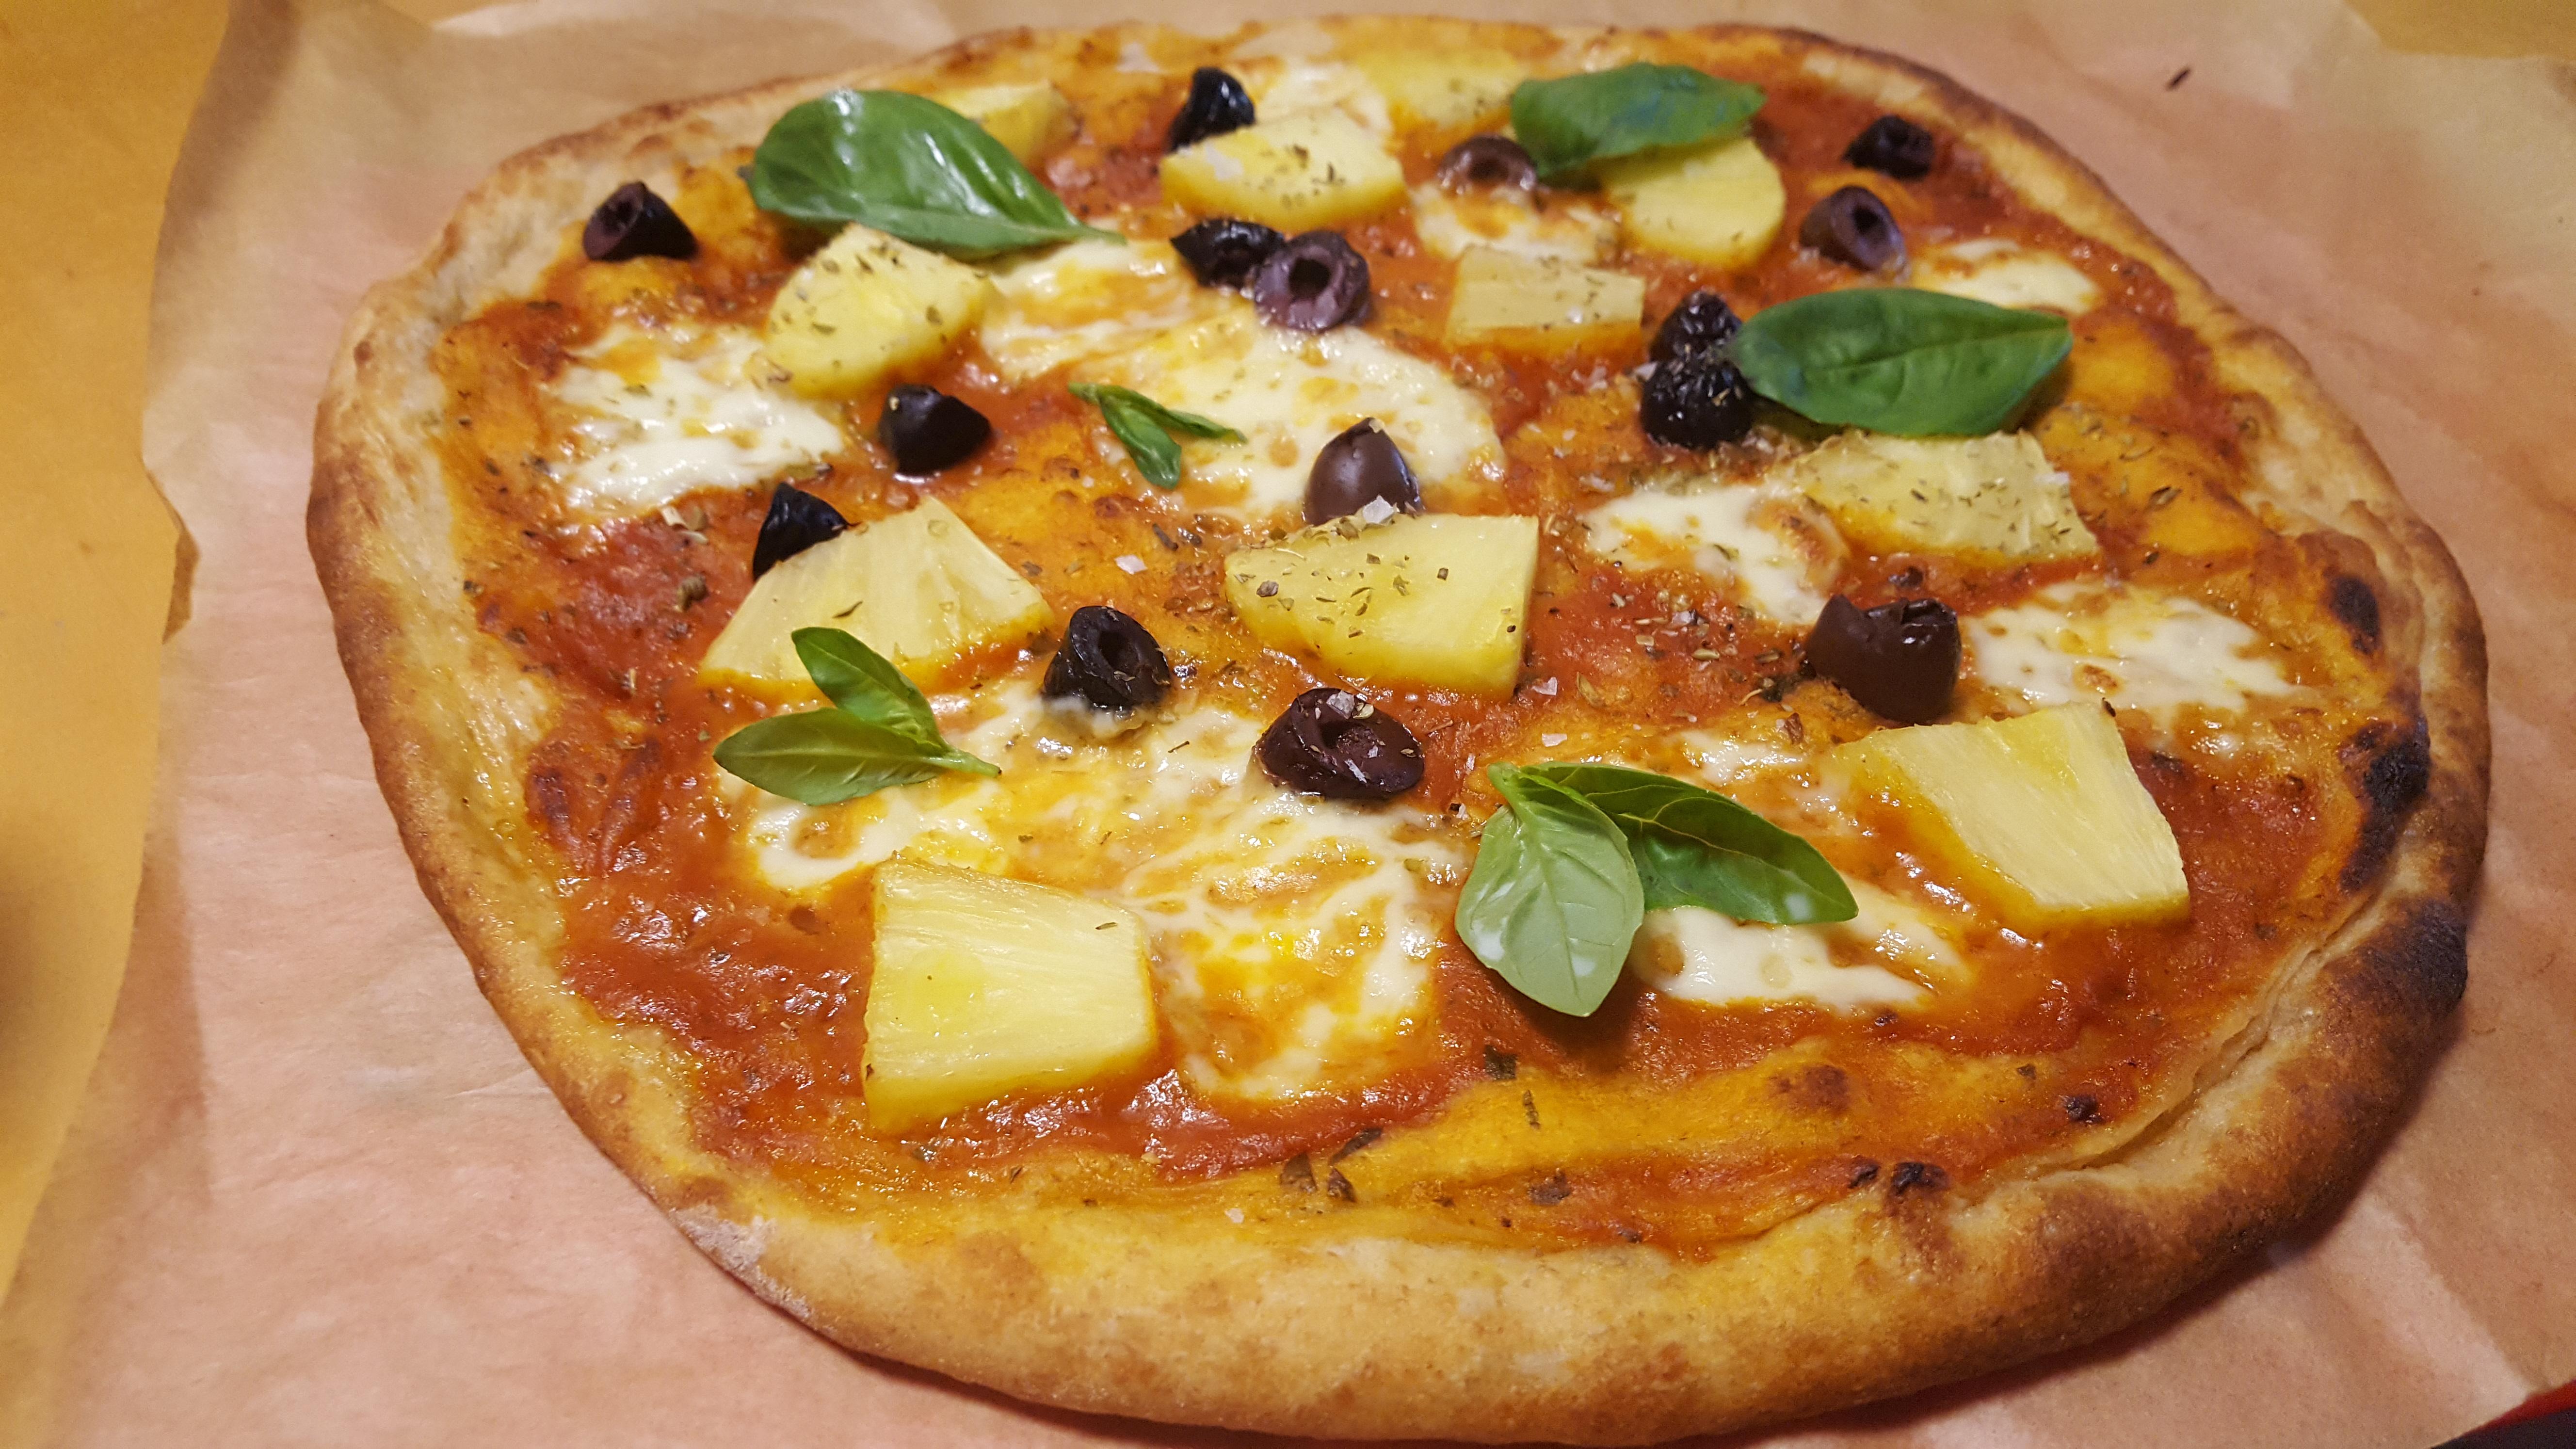 Sourdough pizza dough recipe - finished pizza